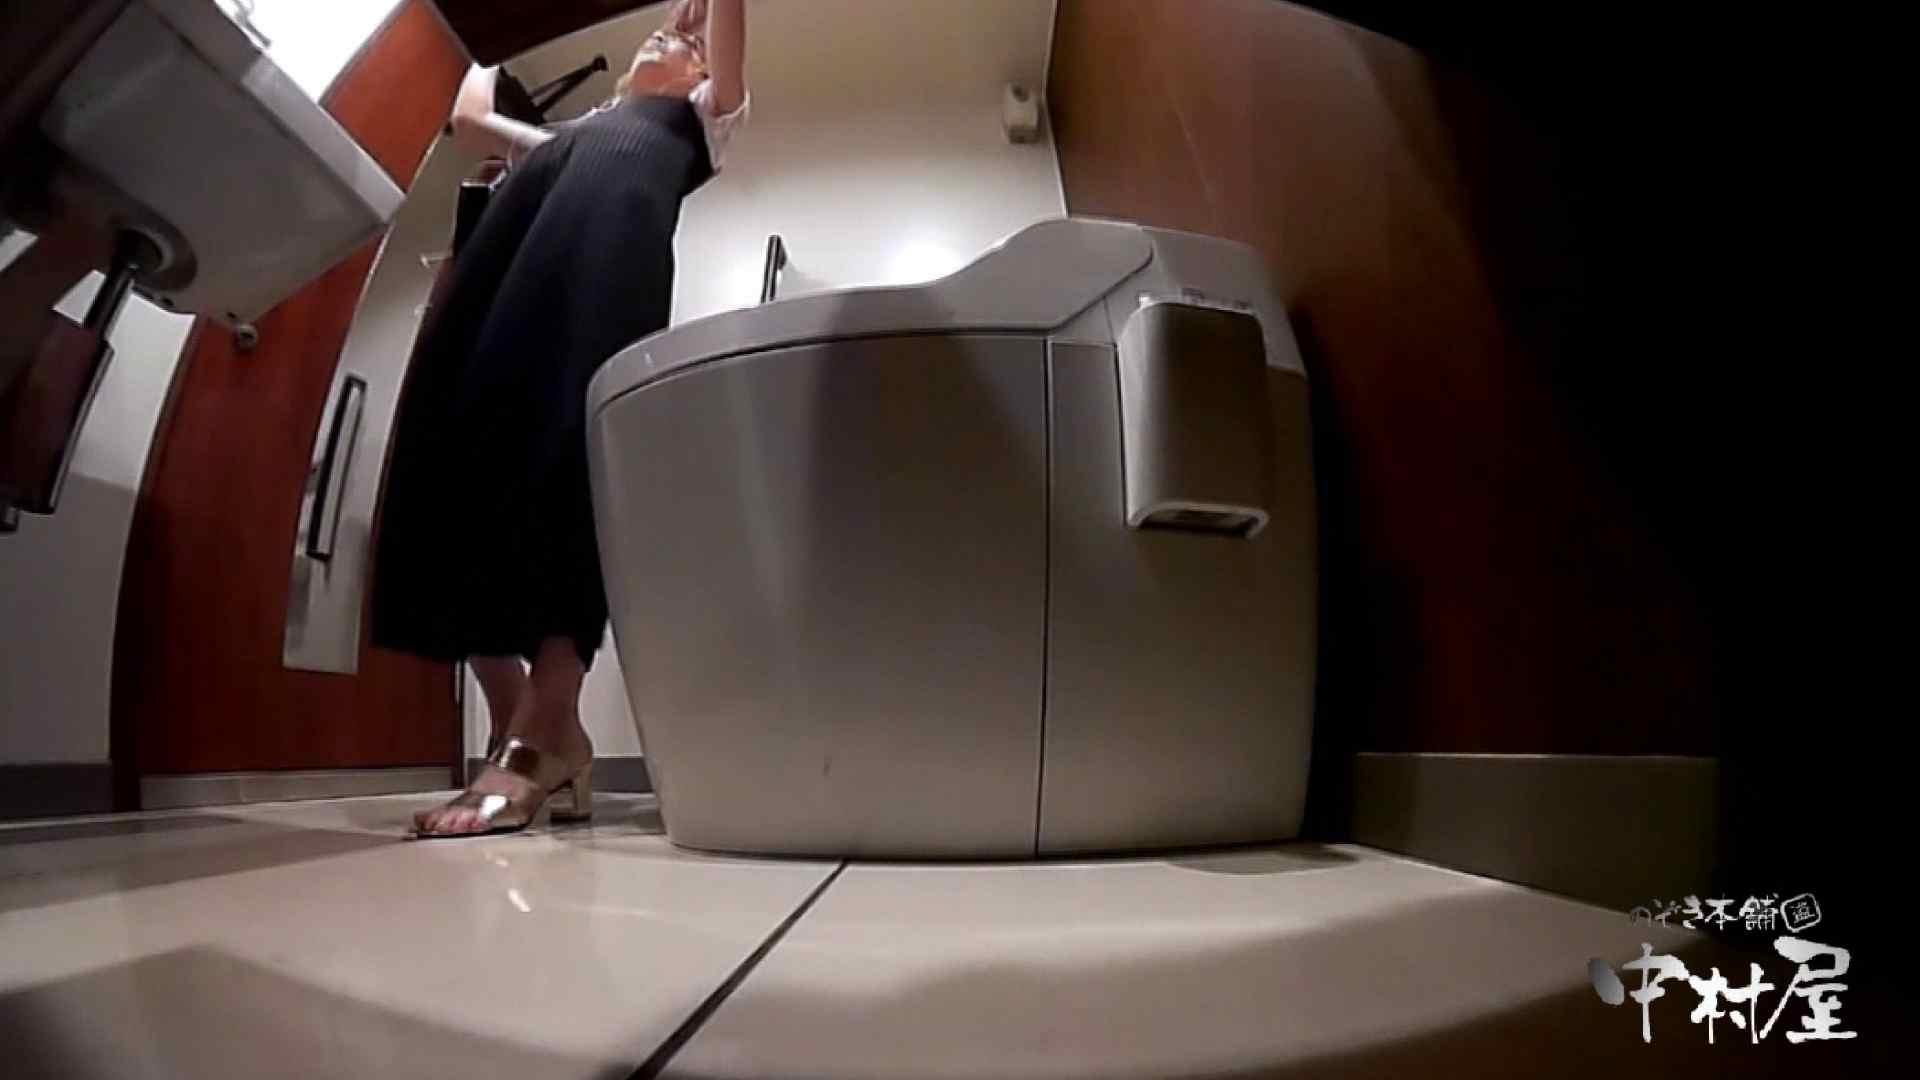 高画質トイレ盗撮vol.19 女子トイレ編 オメコ動画キャプチャ 84PIX 43